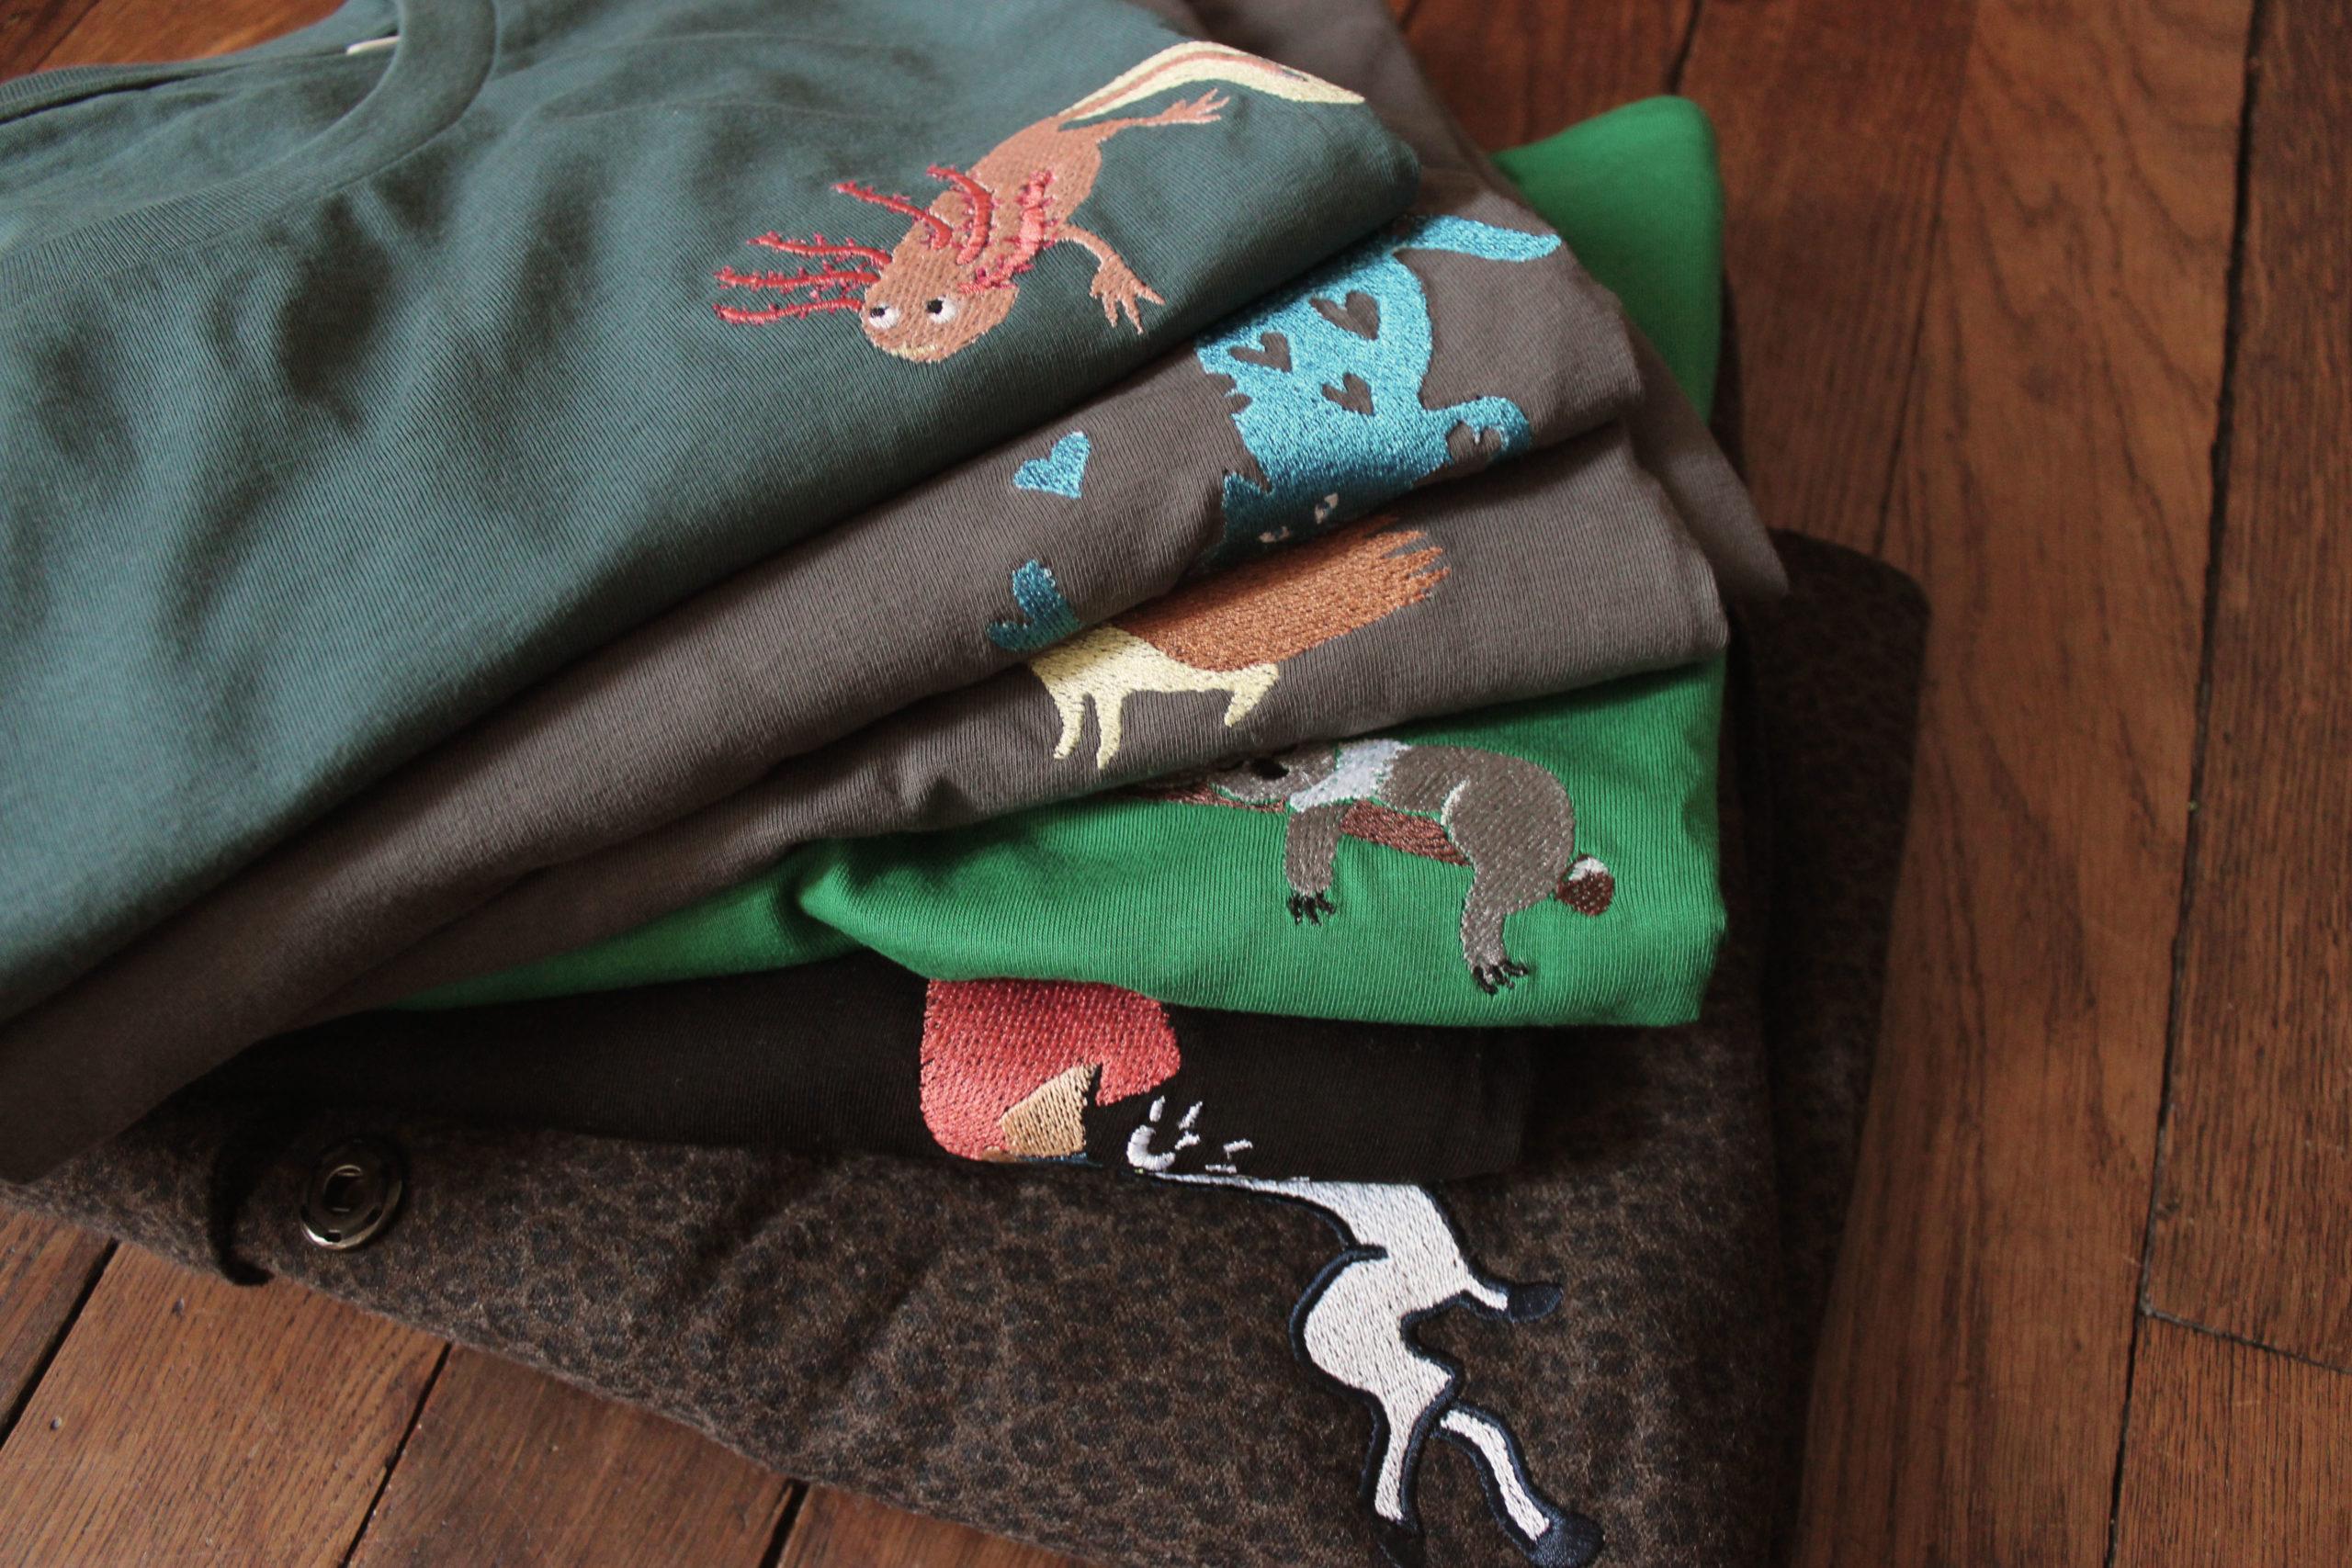 Serie de Tee-shirt brodés